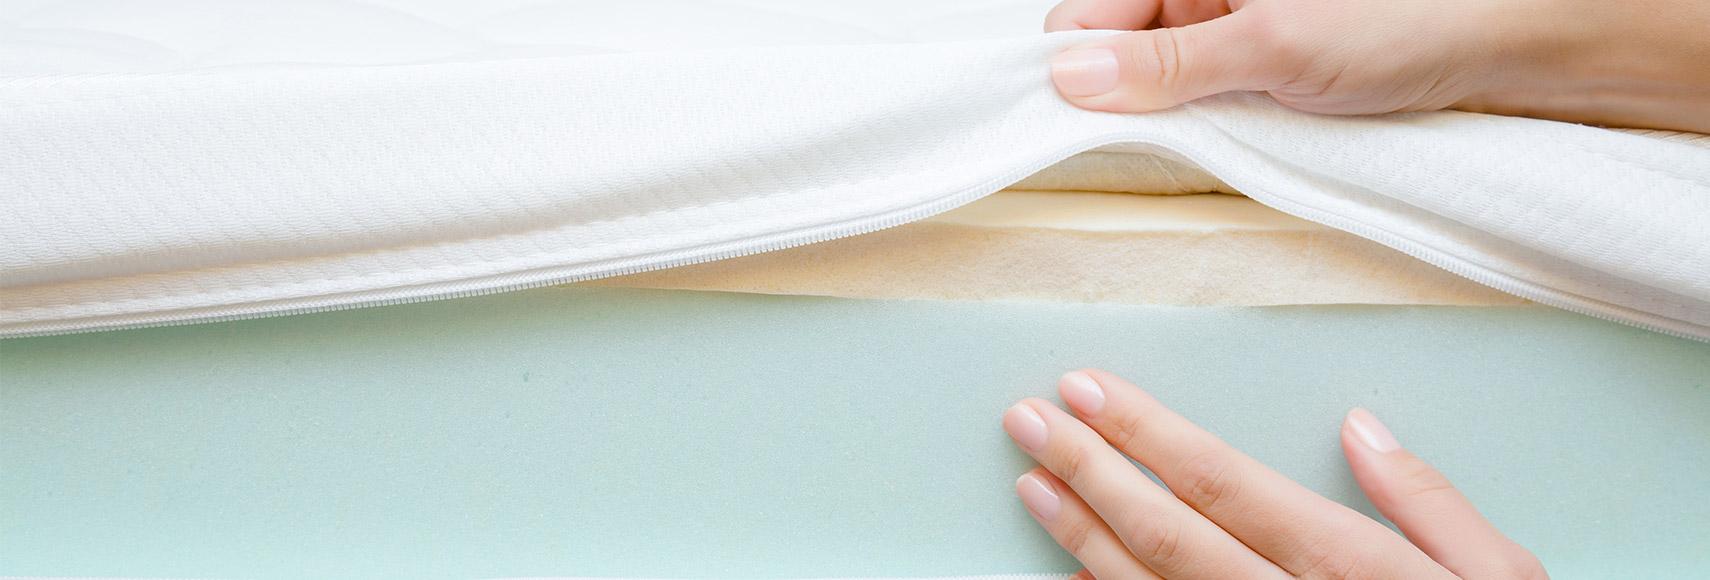 matras kopen online